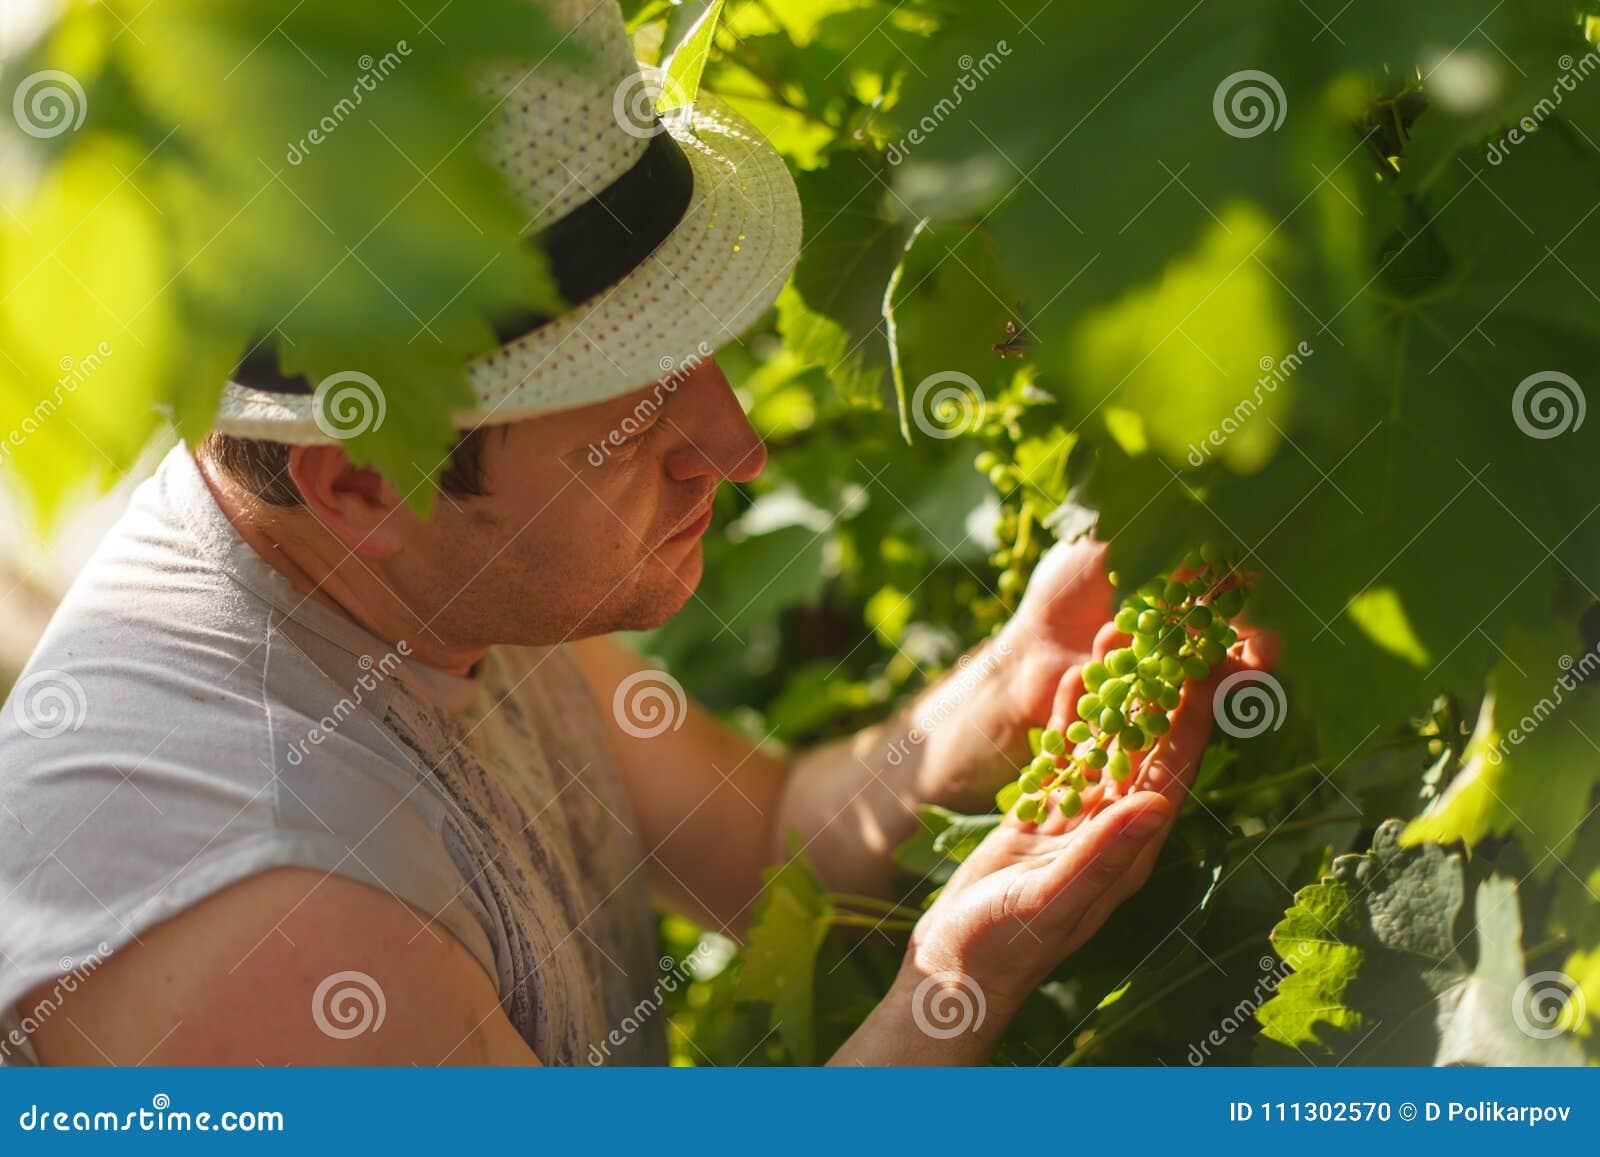 El viticultor está comprobando la uva blanca en el viñedo por el tiempo soleado